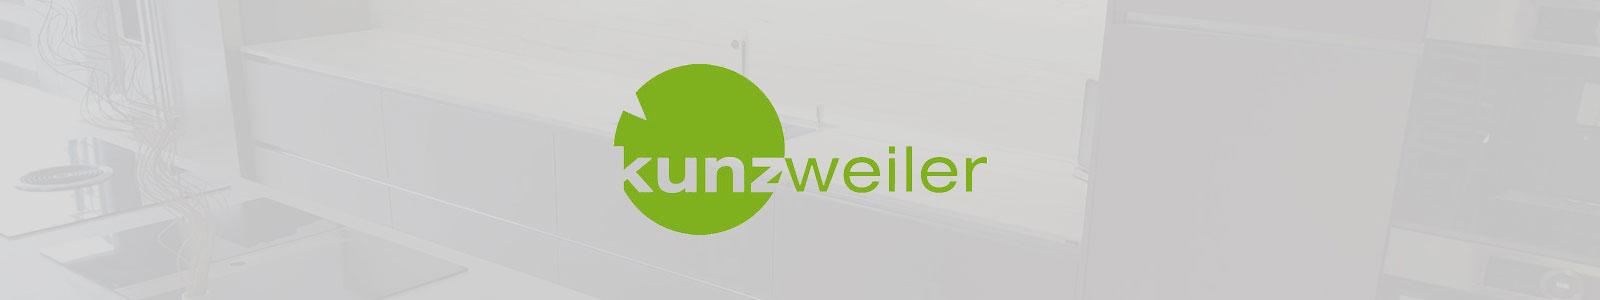 Manfred Kunzweiler München - Ideen mit Holz